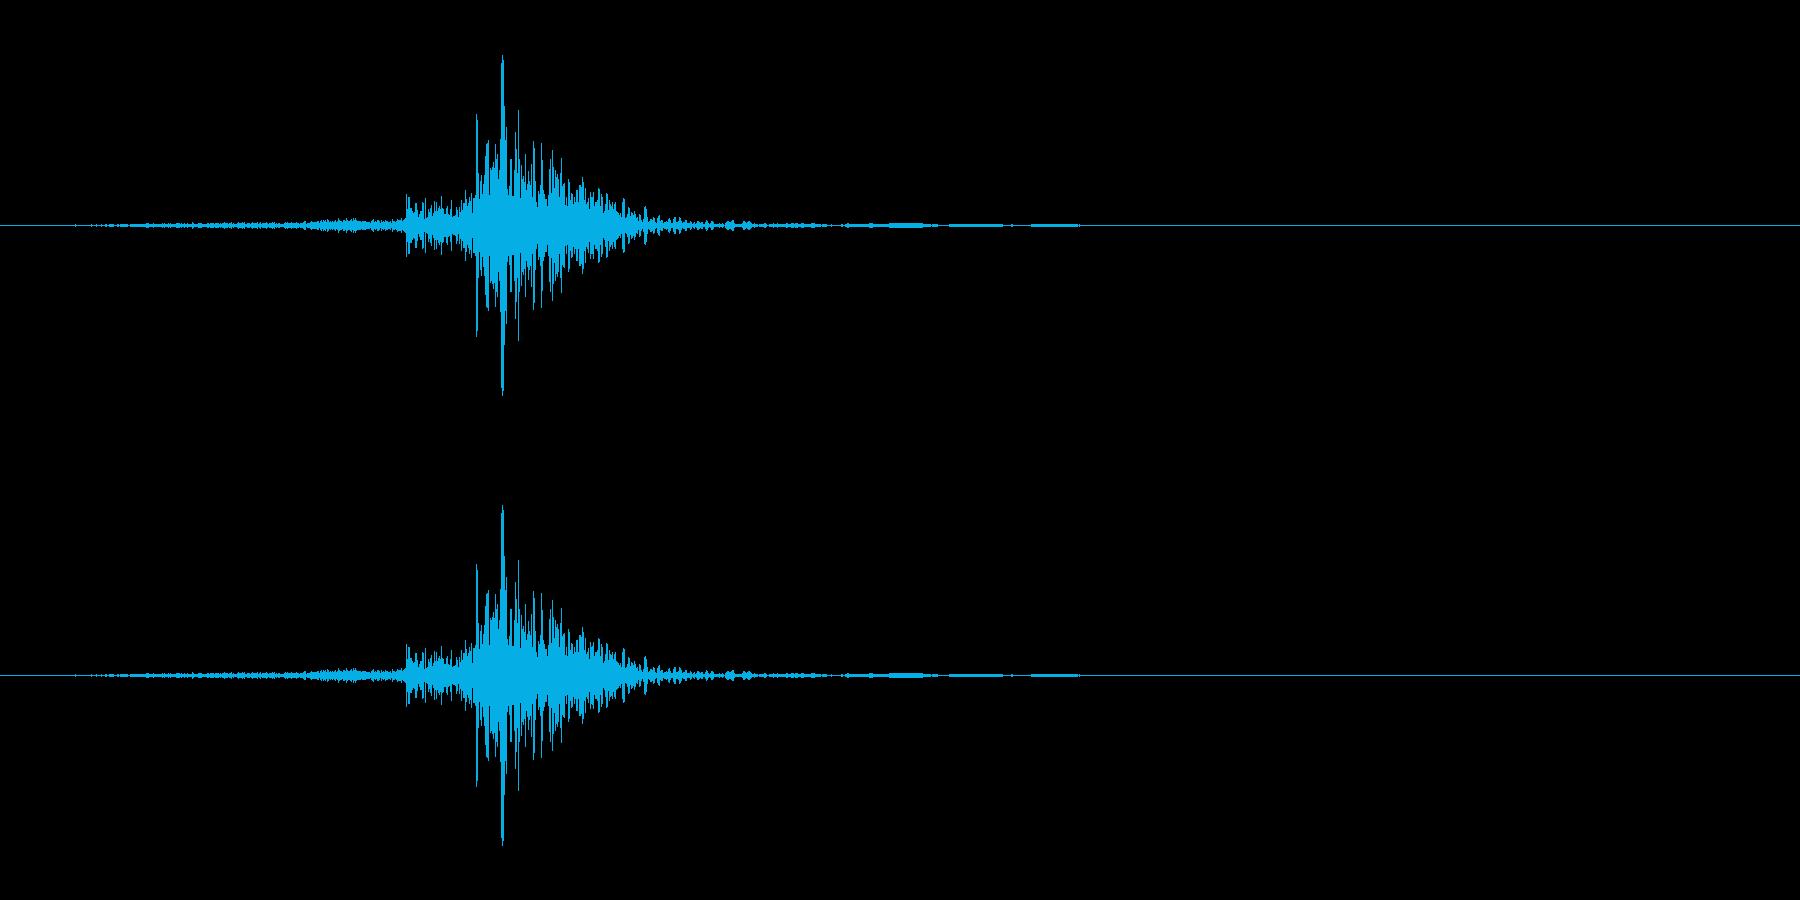 SNS風 通知音 送信音 シュポの再生済みの波形